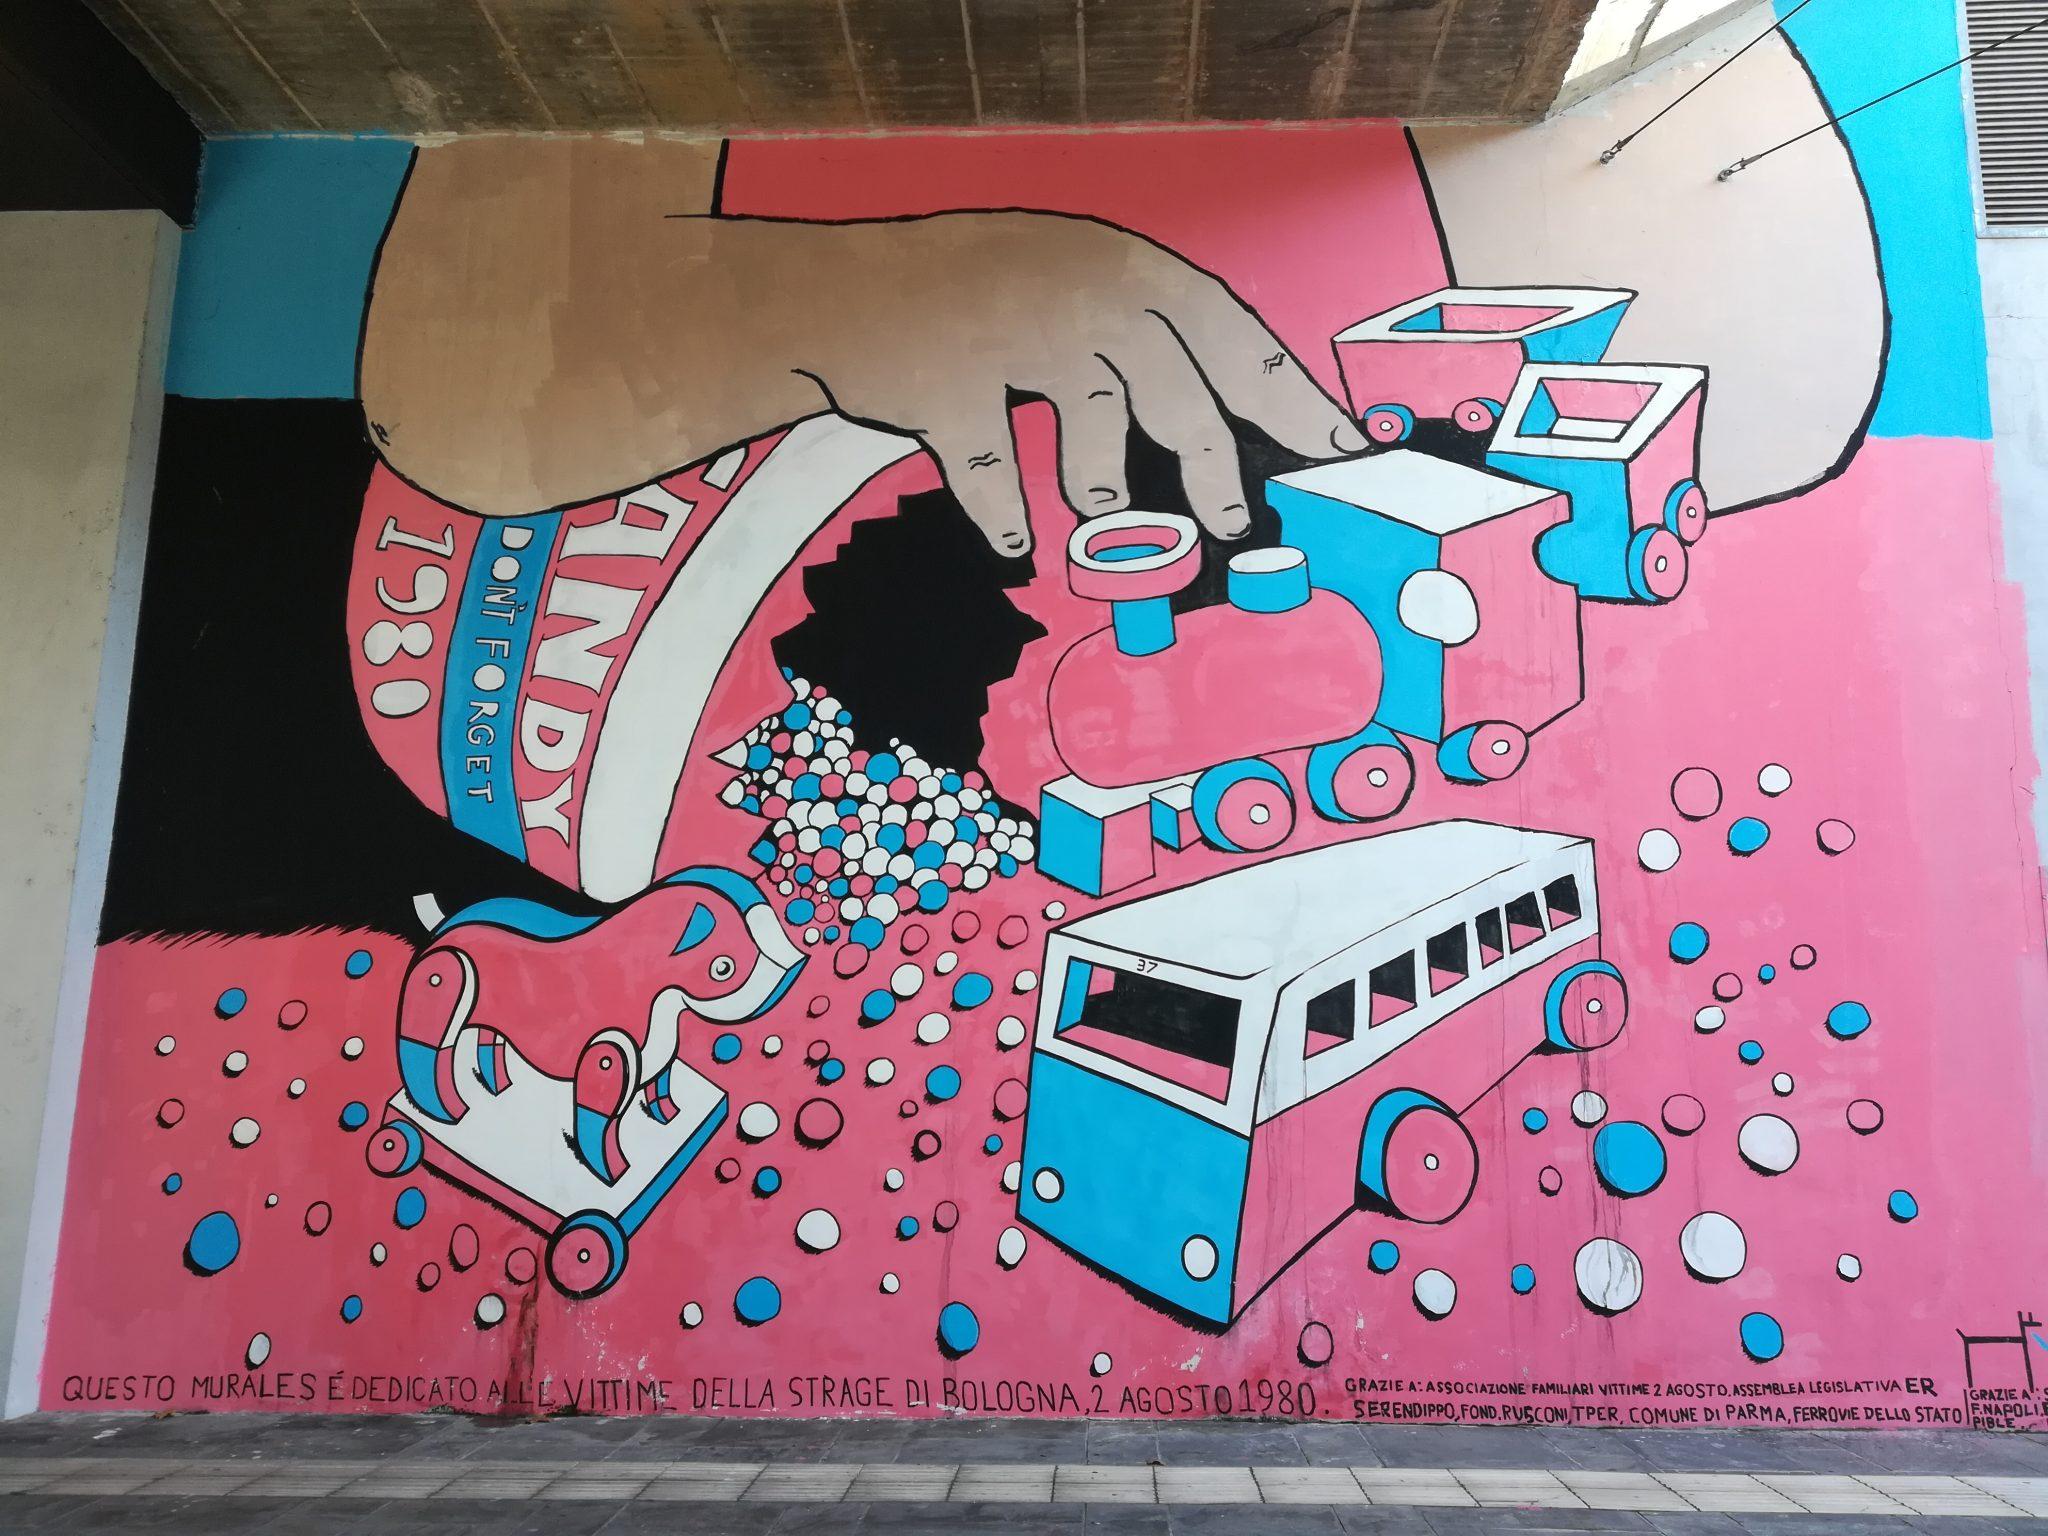 Murales Parma